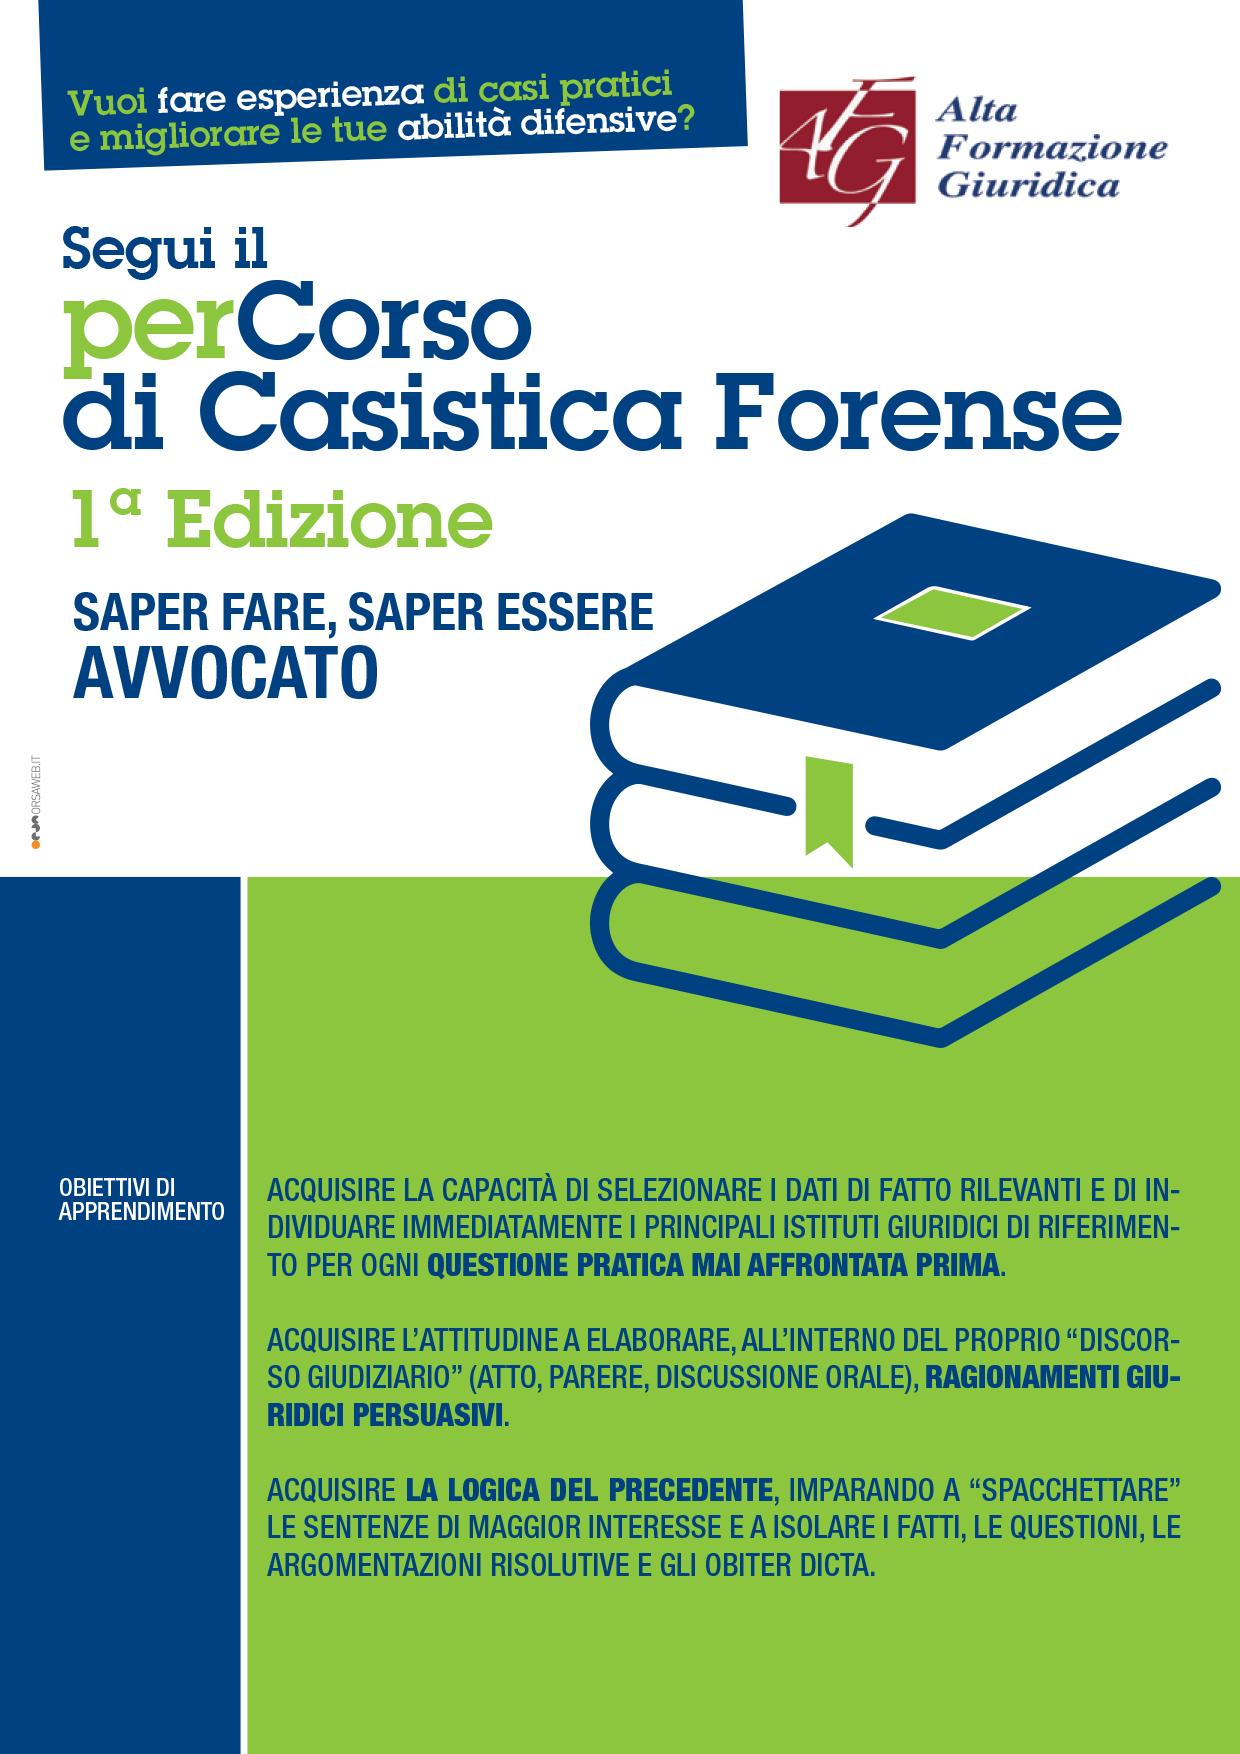 PERCORSO CASISTICA FORENSE 2018 -